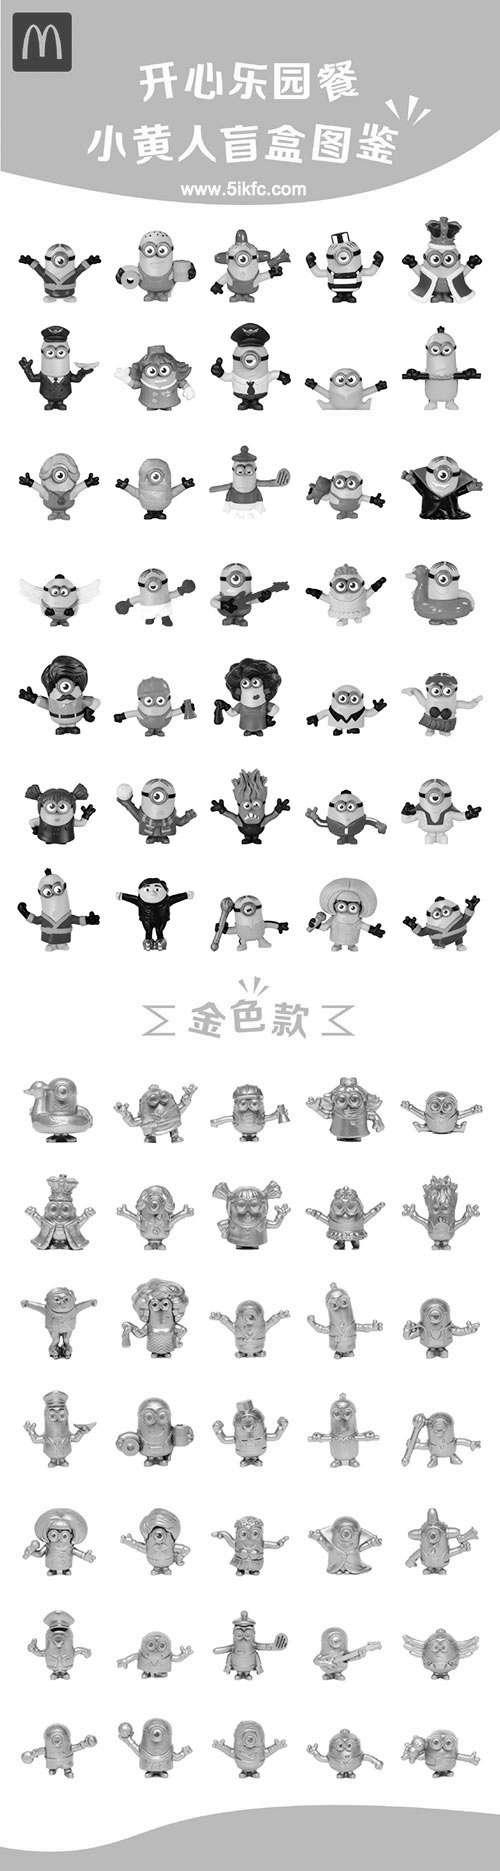 黑白优惠券图片:麦当劳70款小黄人盲盒玩具,2020年7月购买开心乐园餐免费得一款盲盒 - www.5ikfc.com